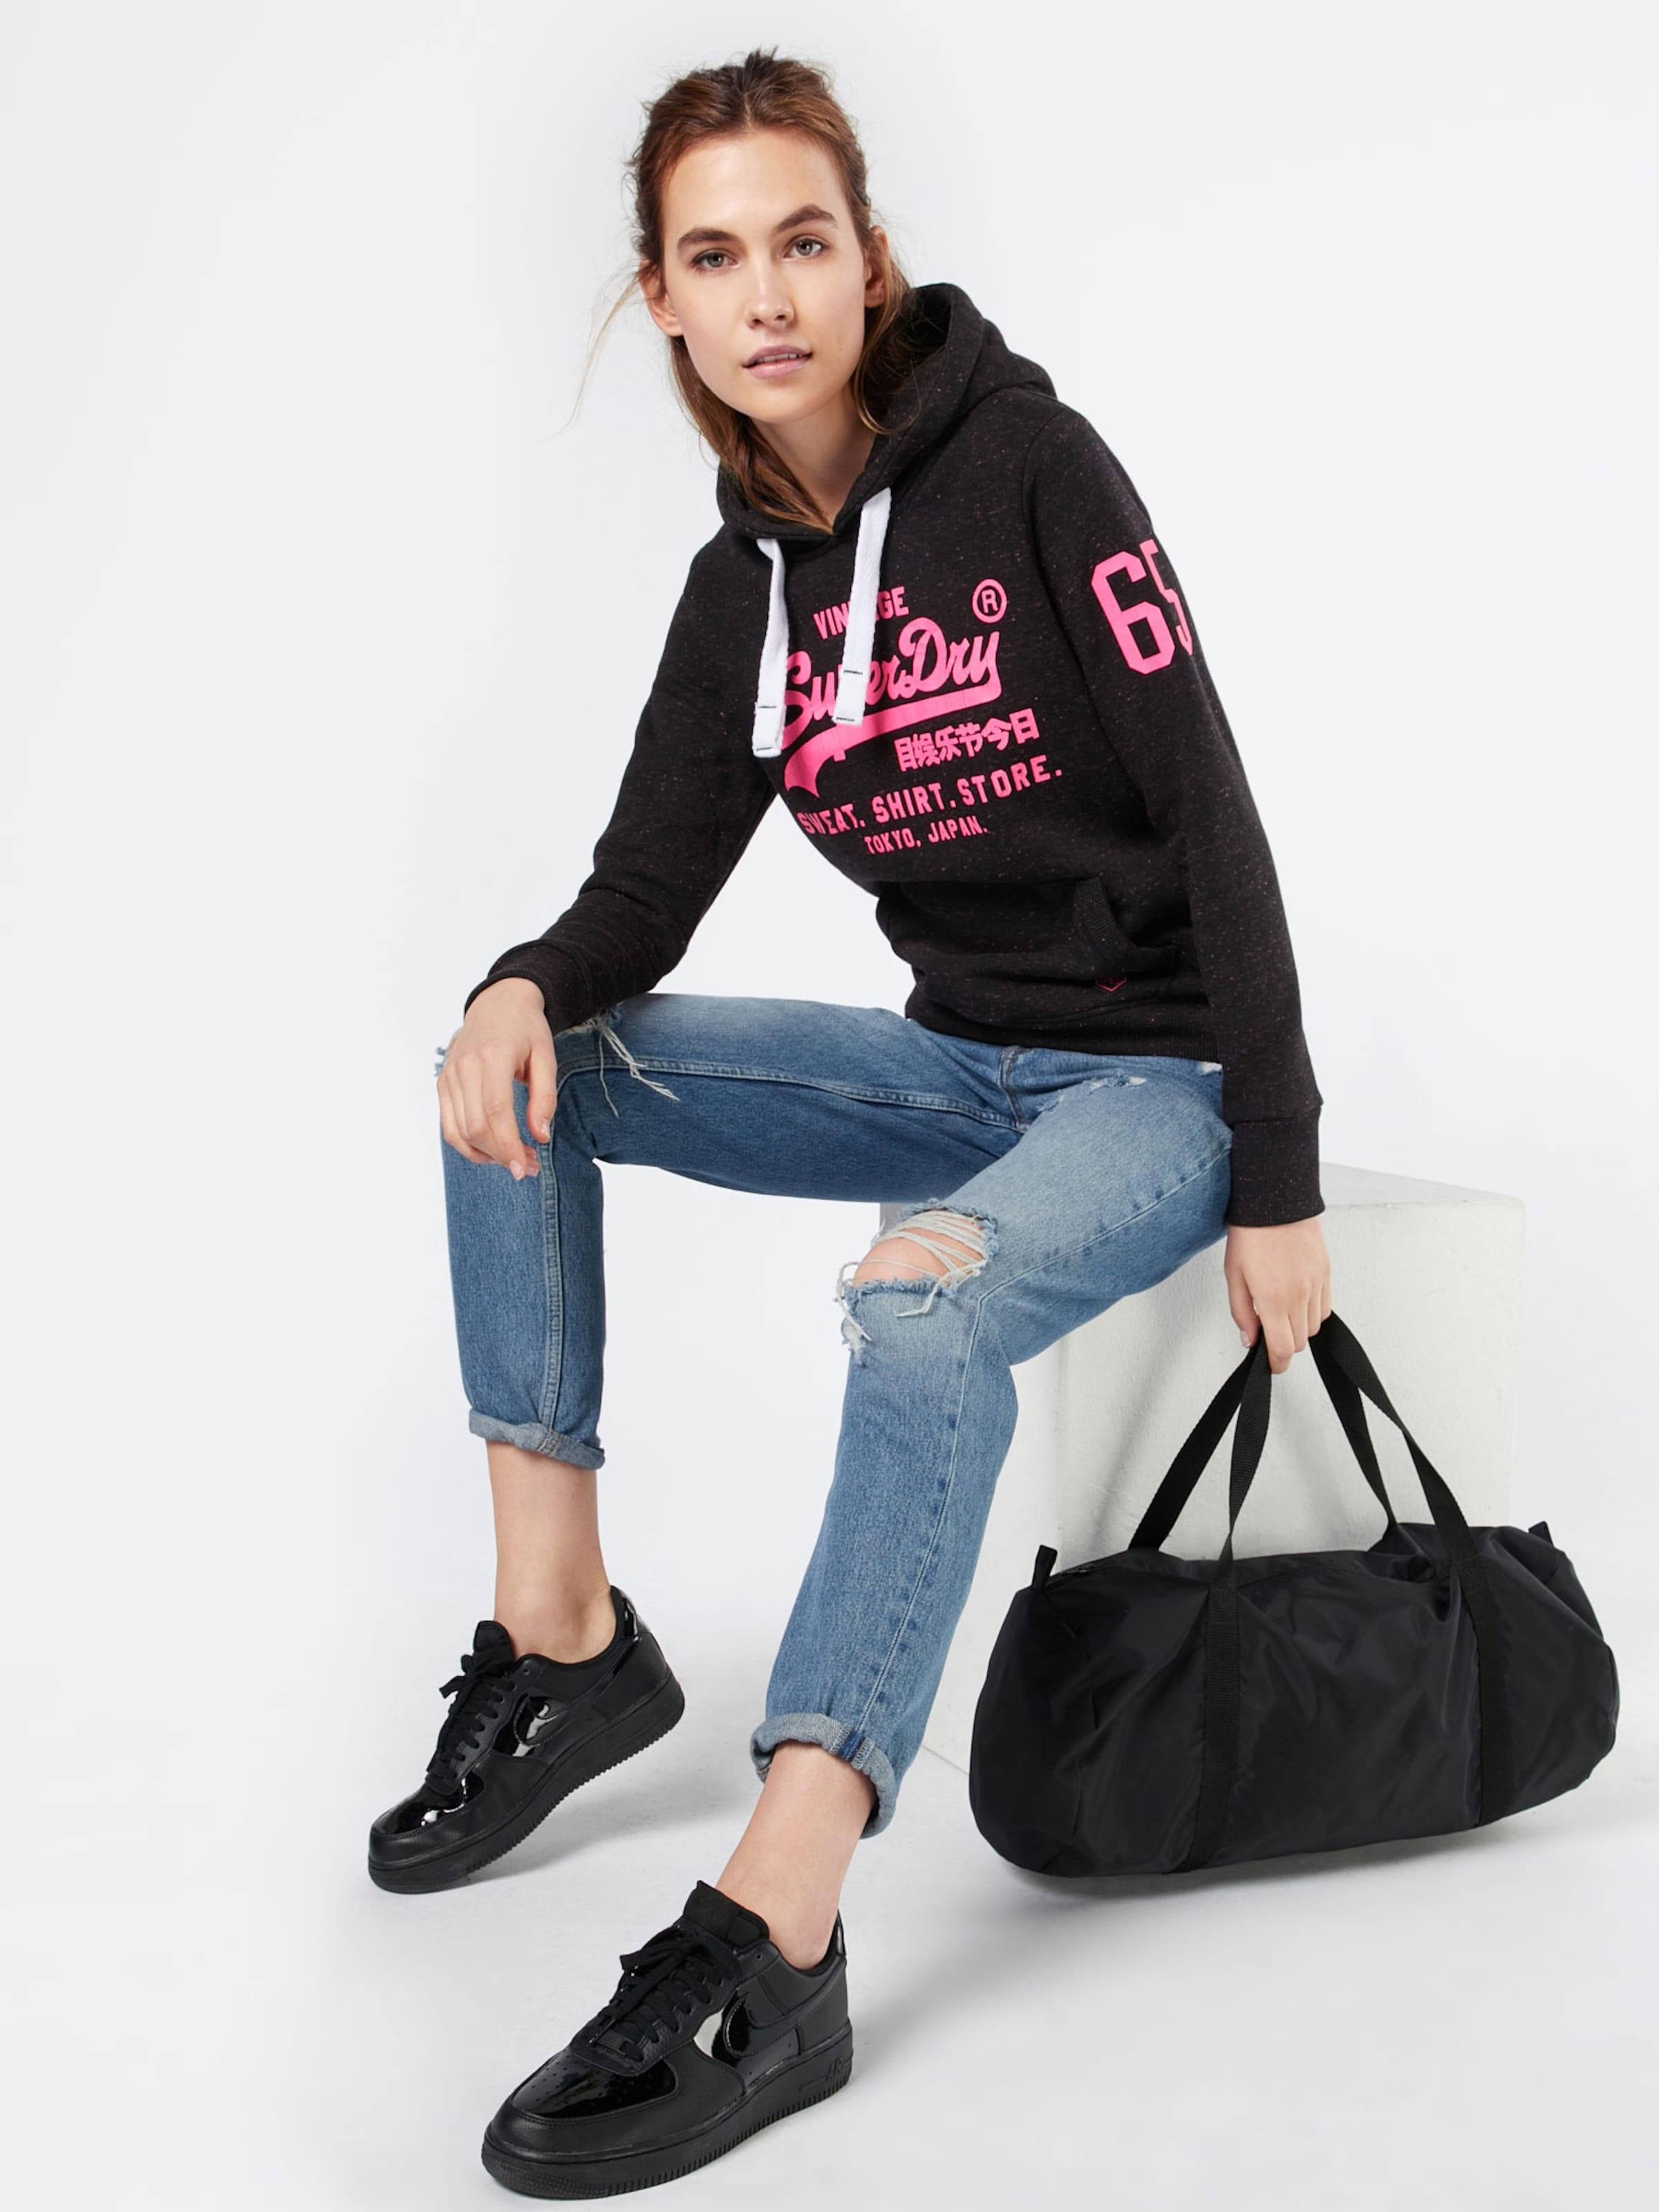 Billig Authentisch Superdry Sweatshirt 'SHIRT SHOP POP' Empfehlen Online Its24dCB